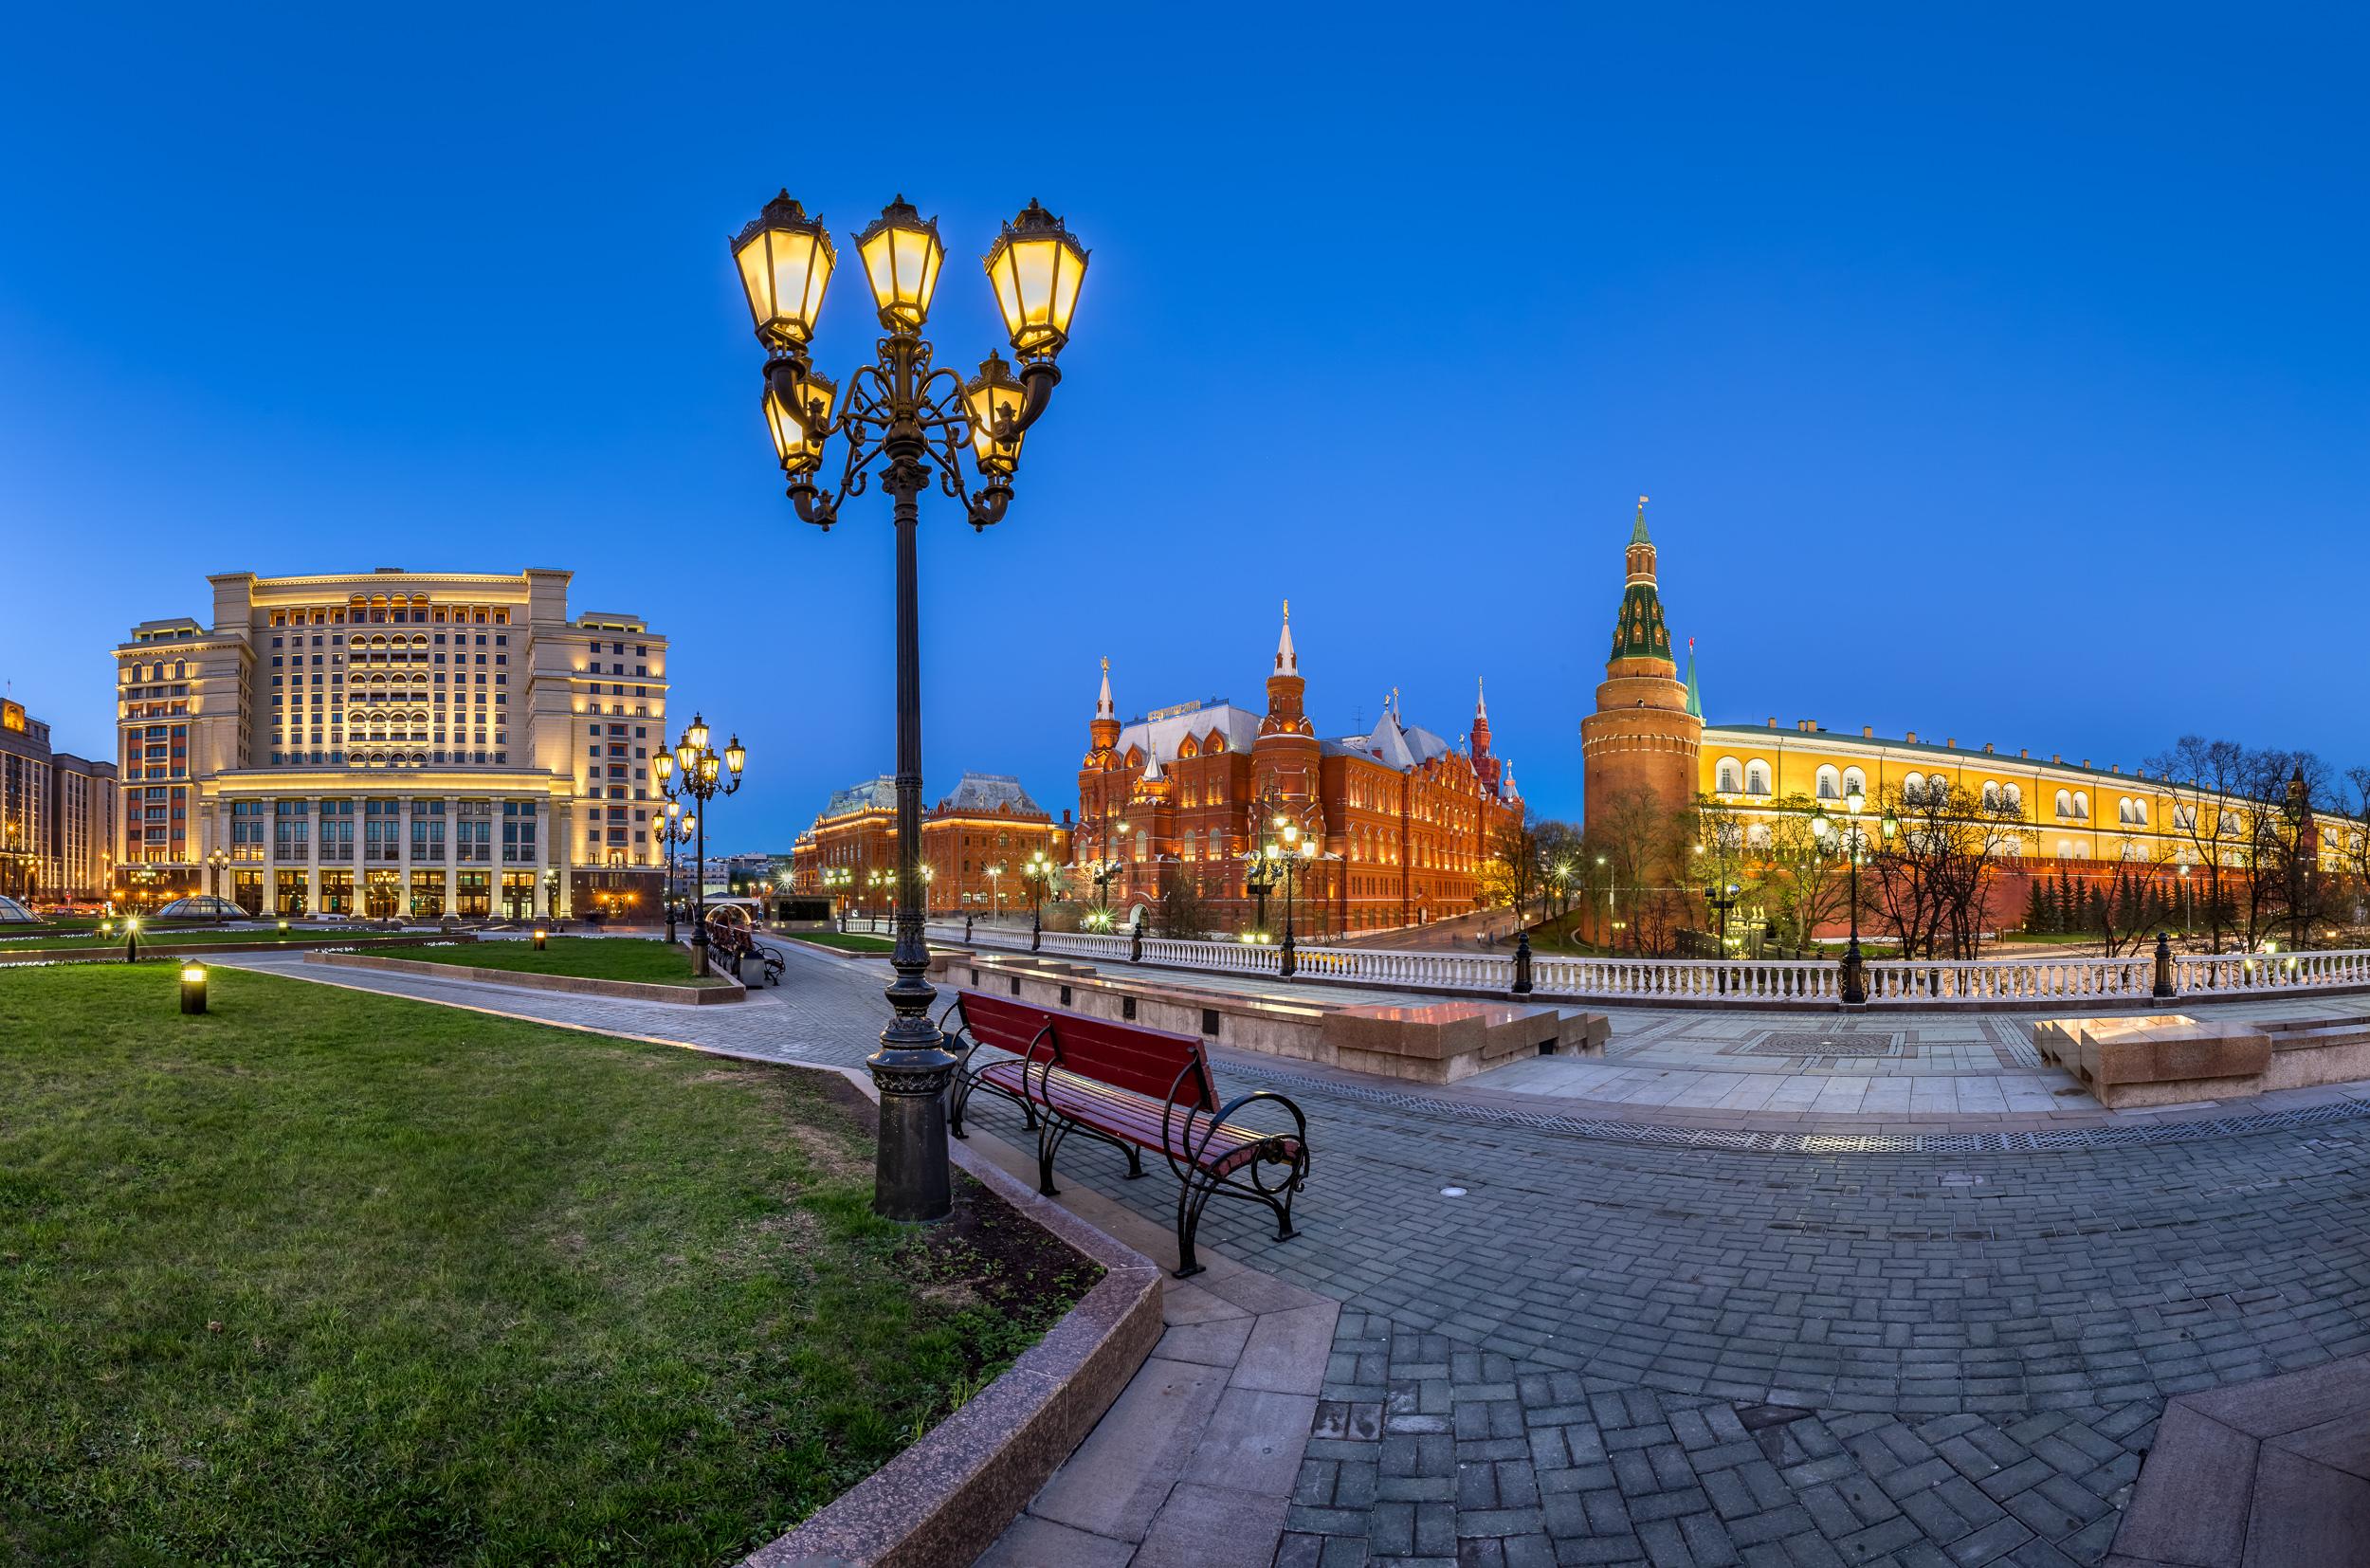 архитектура страны Москва Россия город без смс